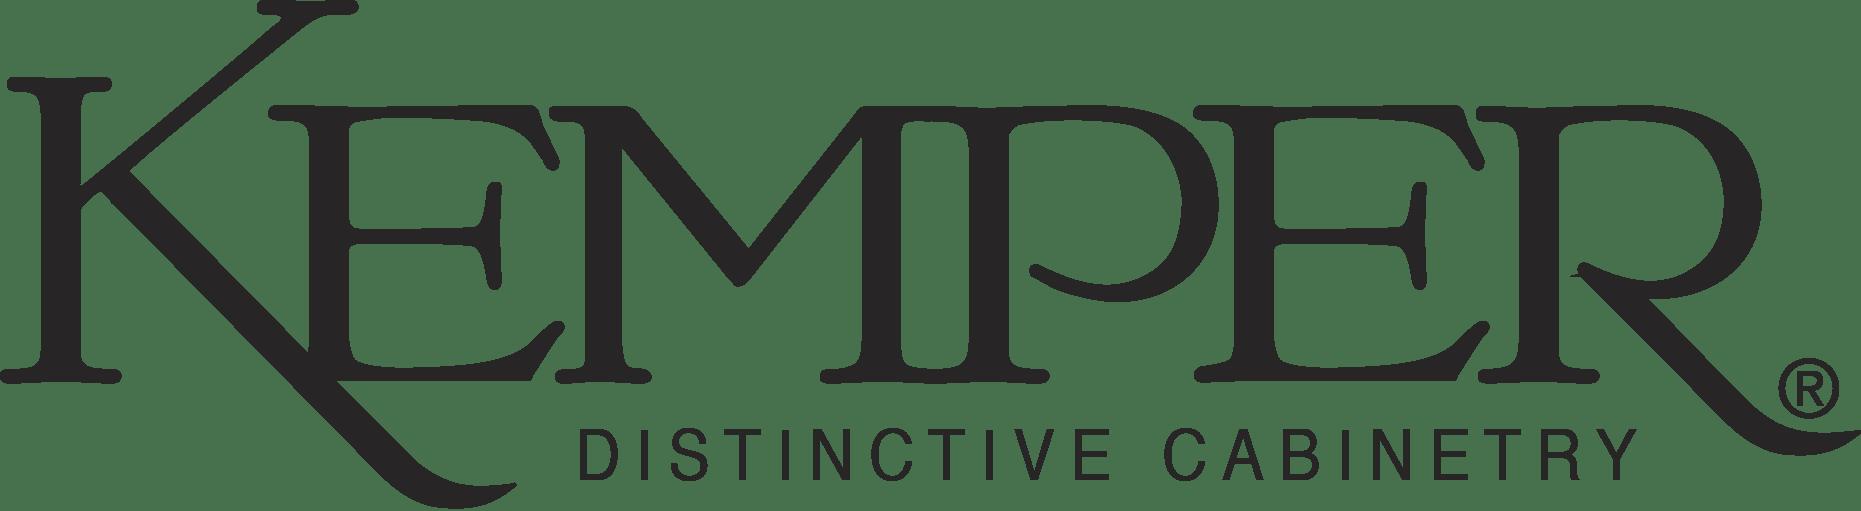 Kemper-logo-2003